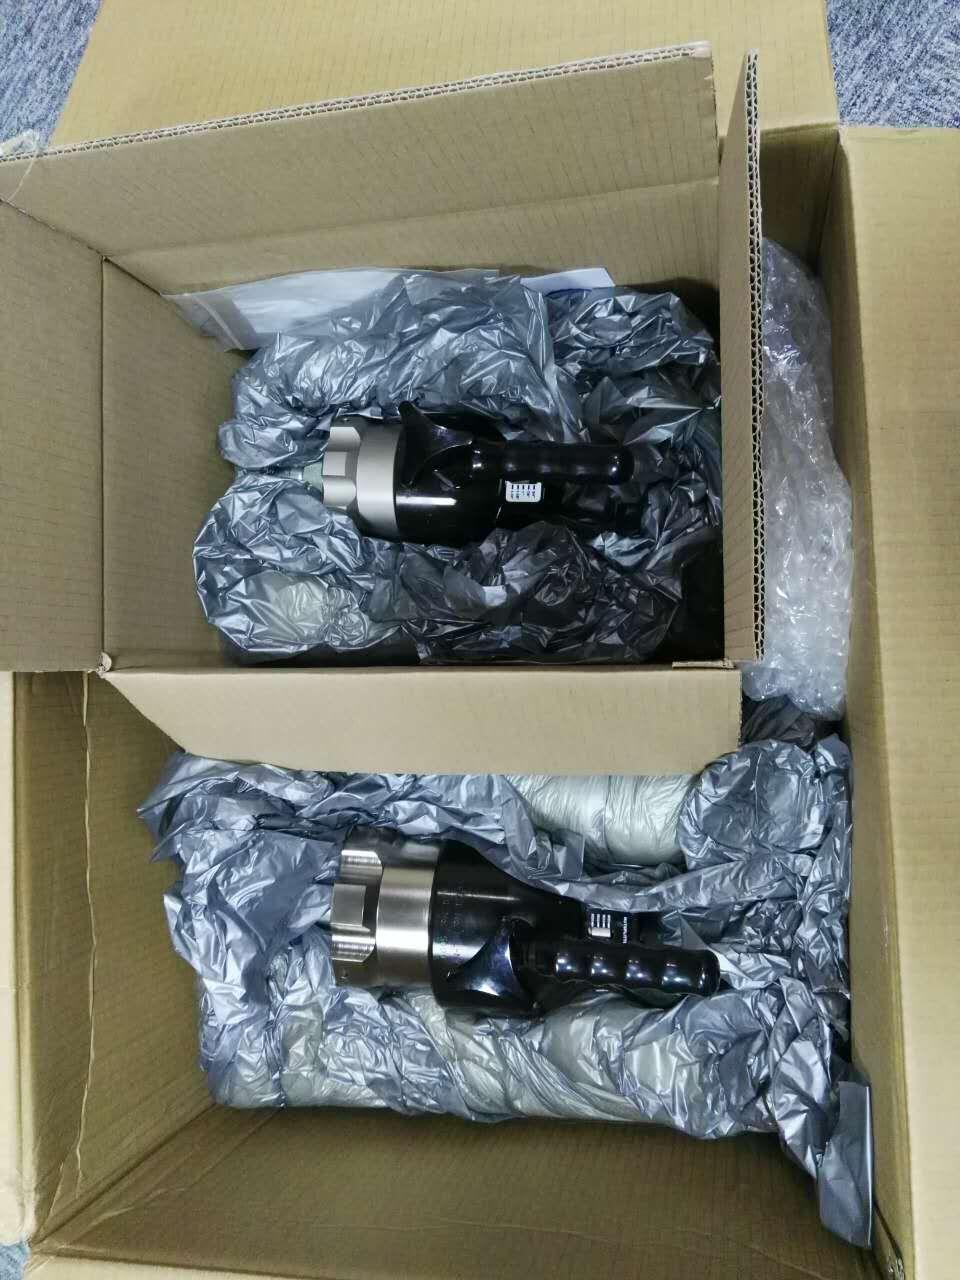 中石油之克拉玛依油田订购的螺母破切器与液压扳手从英国转运至武汉,准备发货!